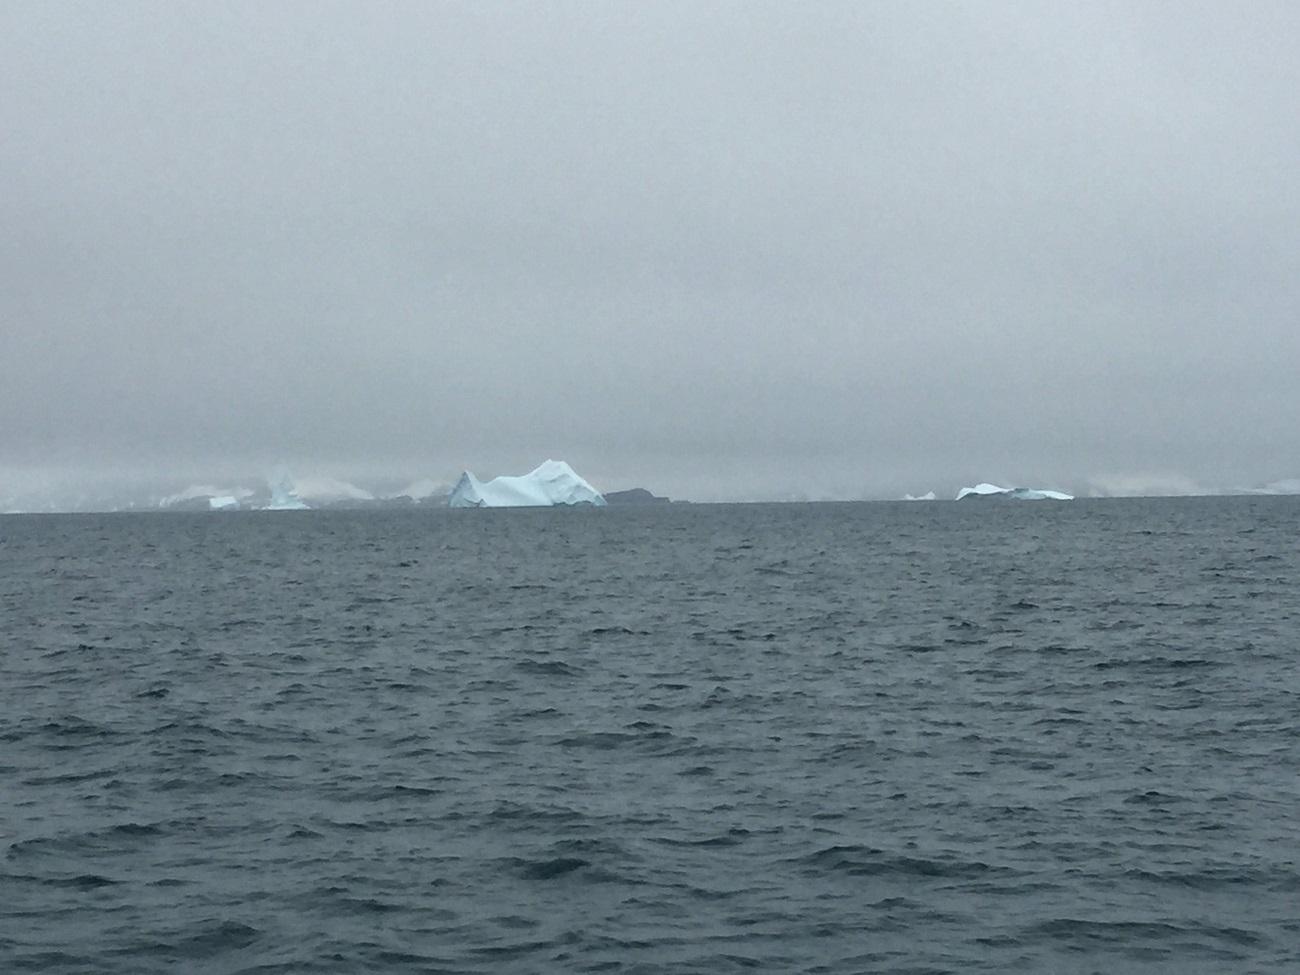 Антарктика: підступний лід та хвилюючі таємниці далеких островів